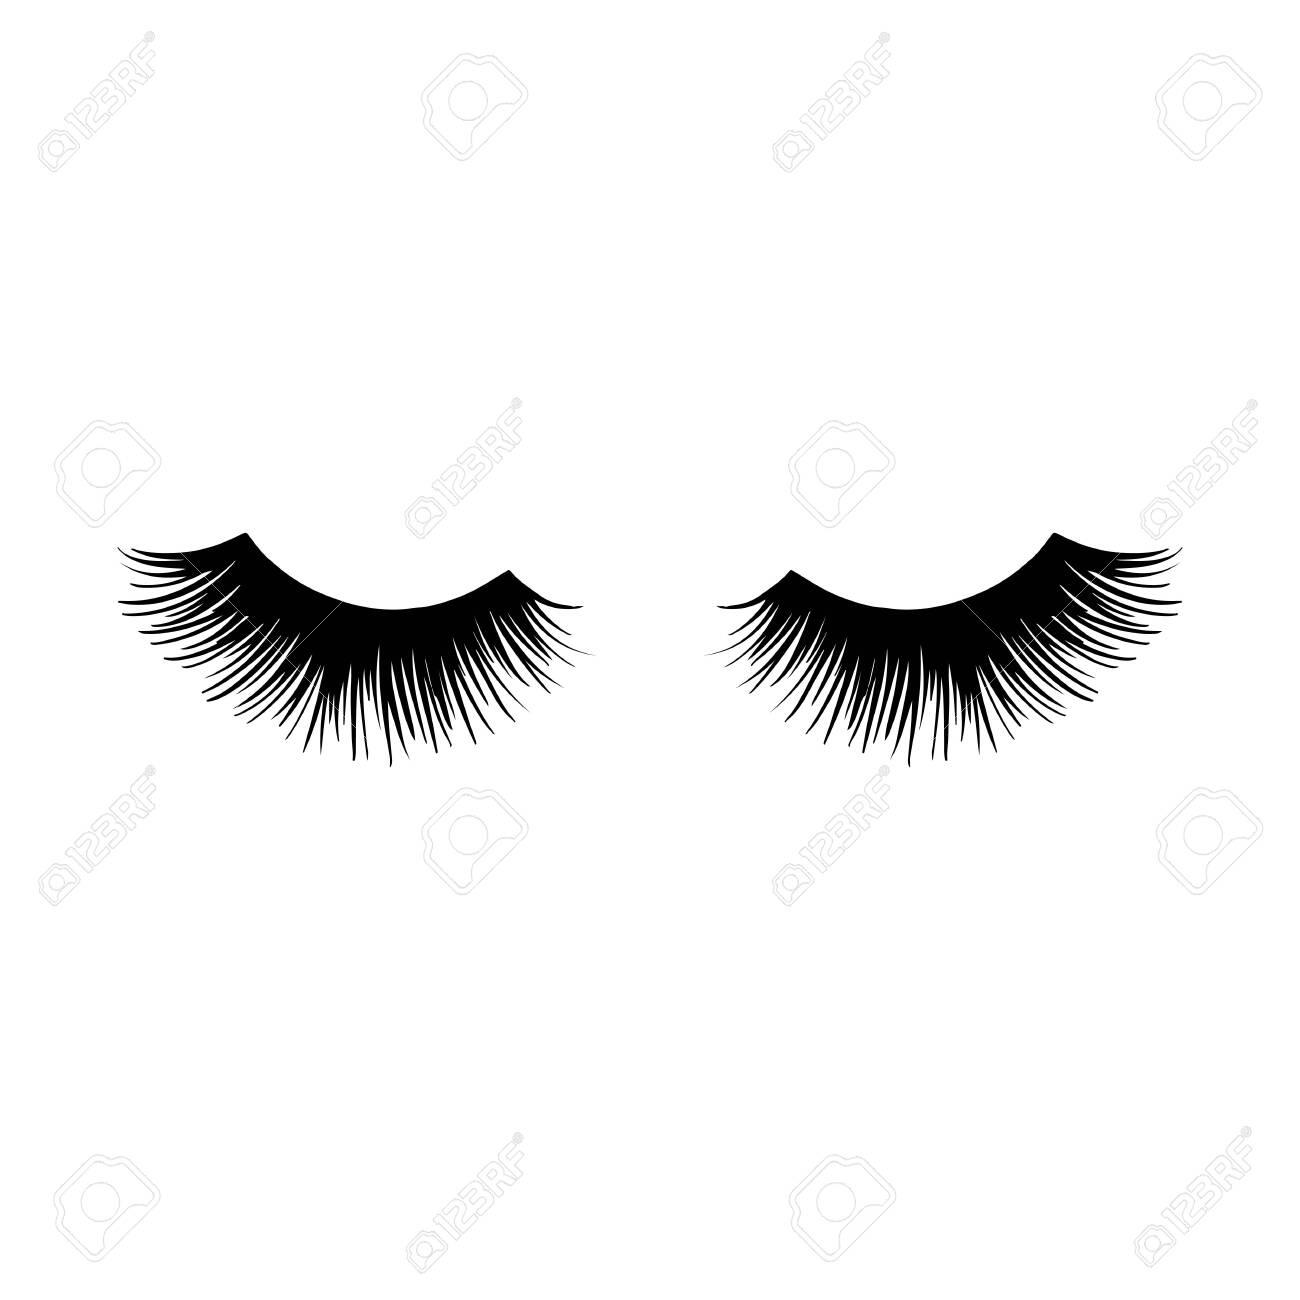 Long black lashes vector illustration. Beautiful Eyelashes isolated on white - 145130121